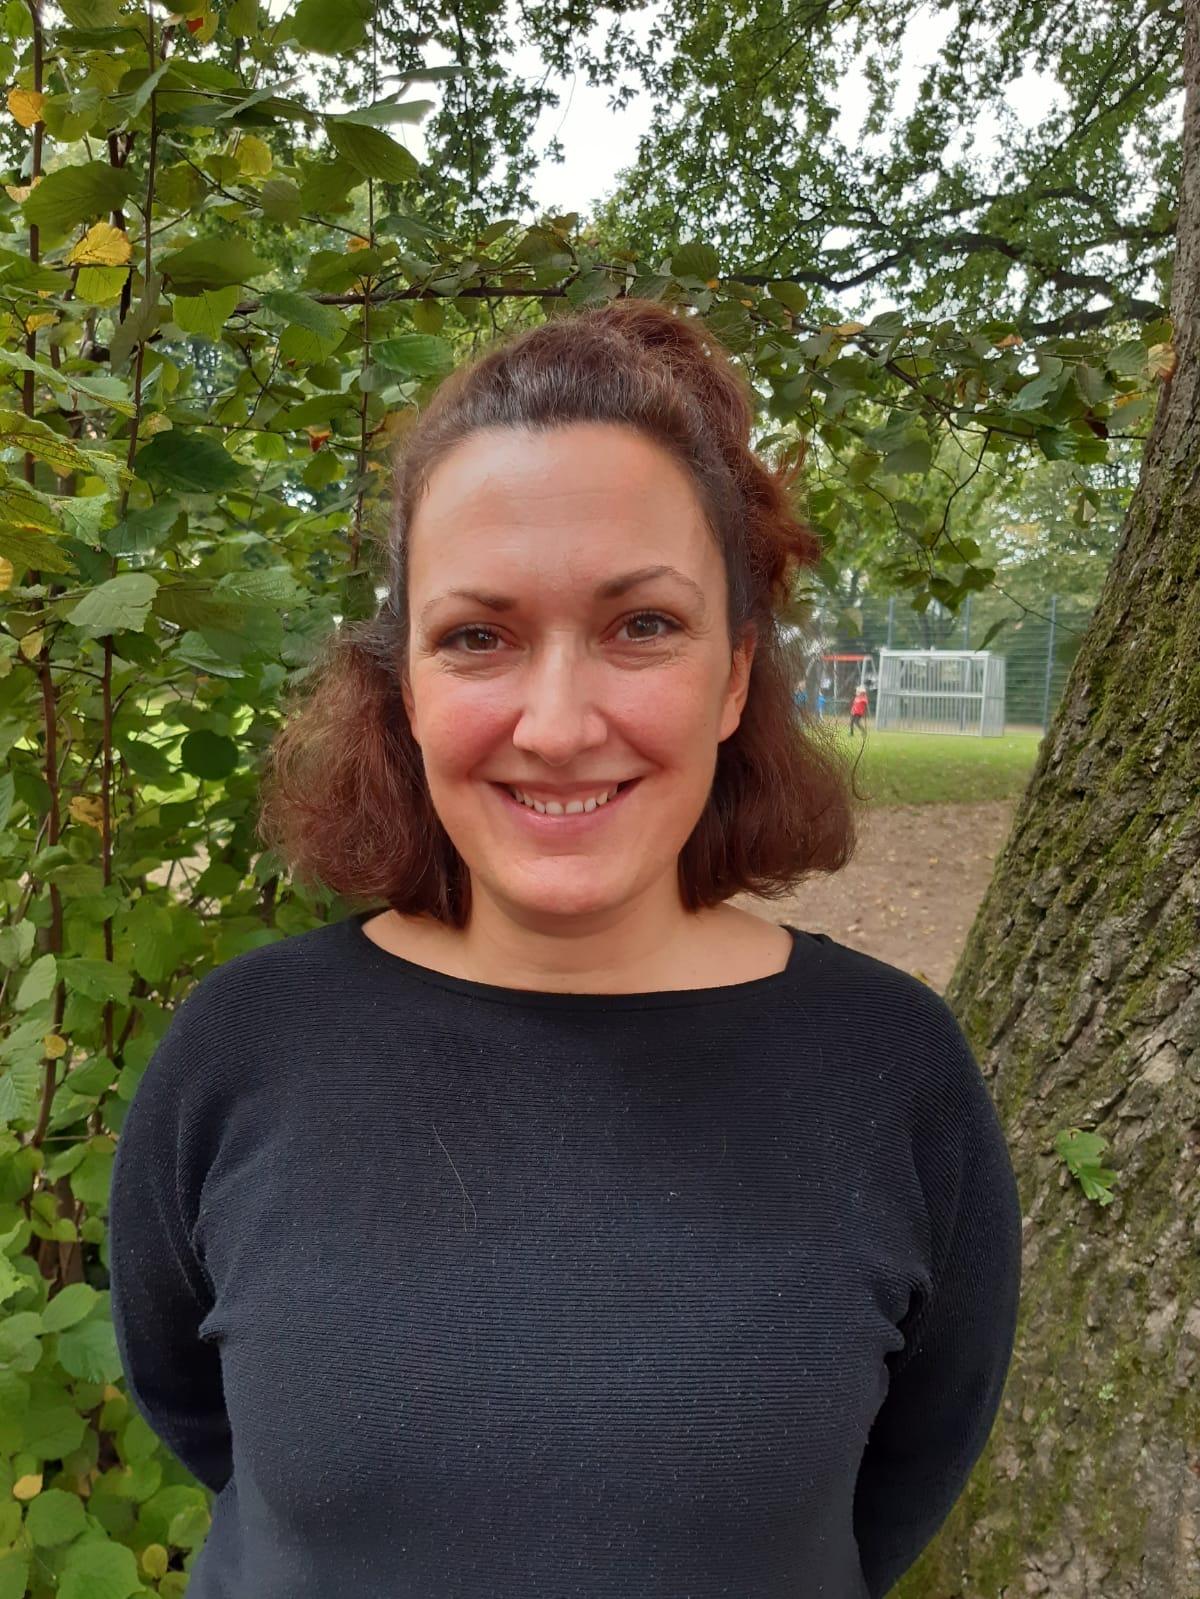 Frau Hirschfeld